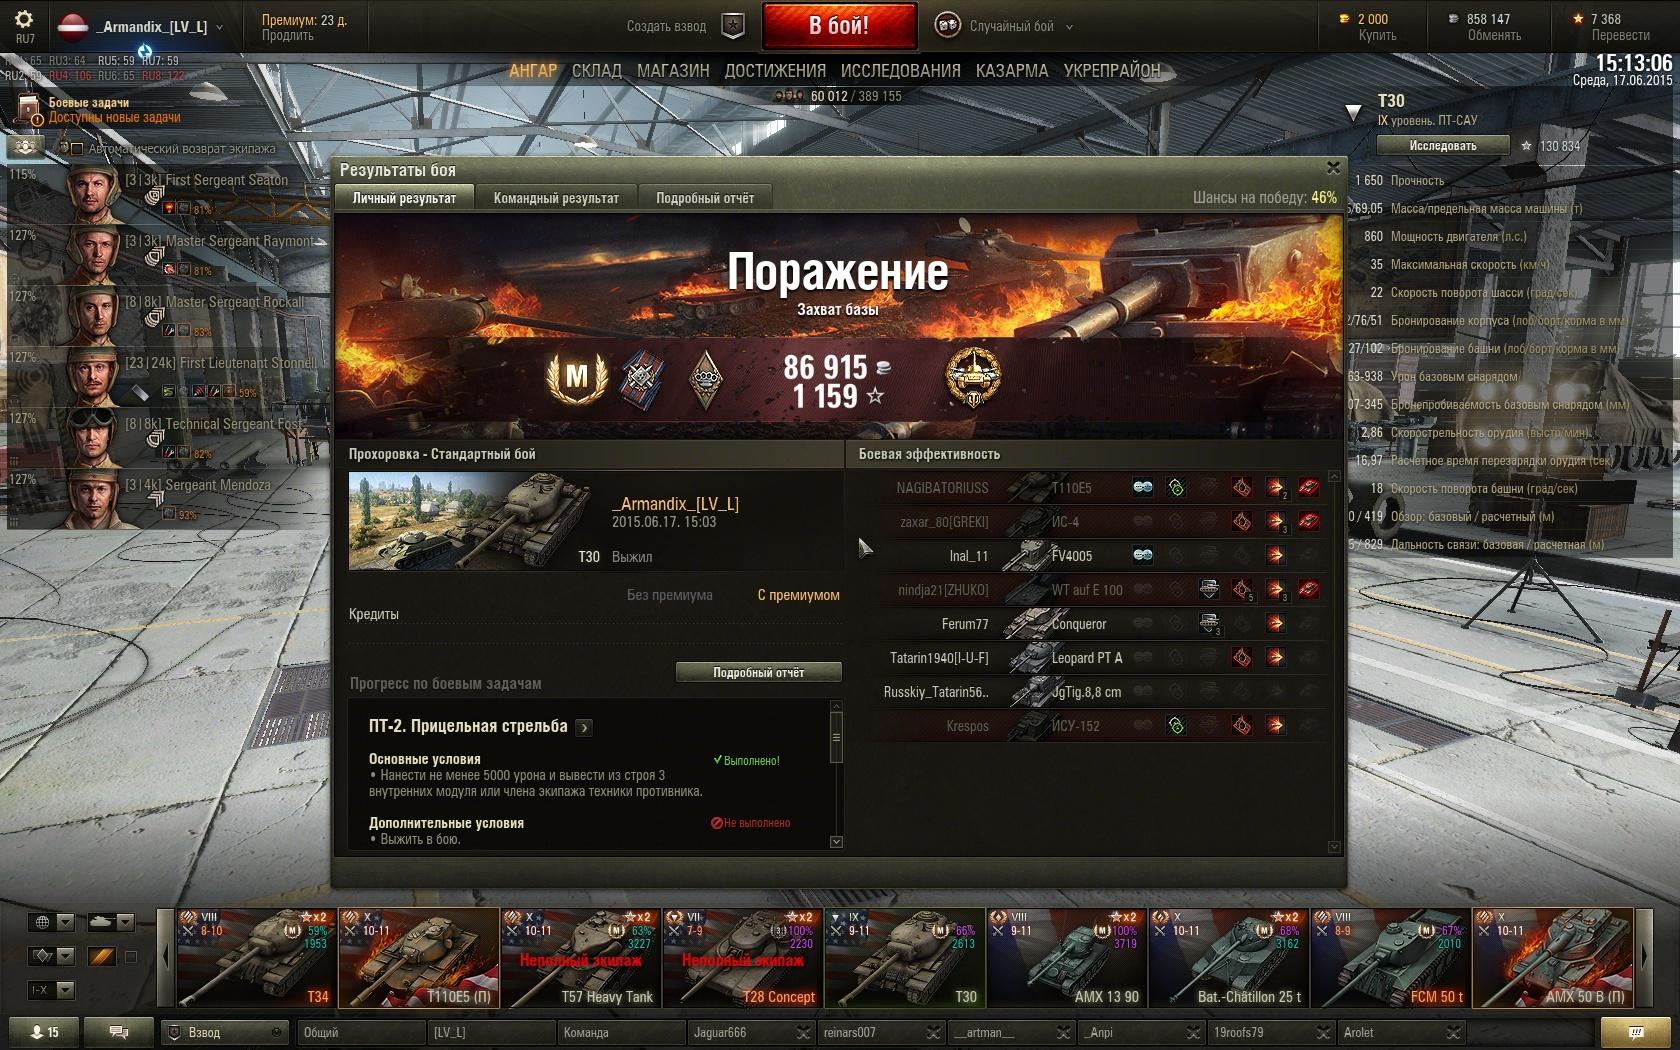 (Master) T30 Wfbgy1k767l0y6fr177